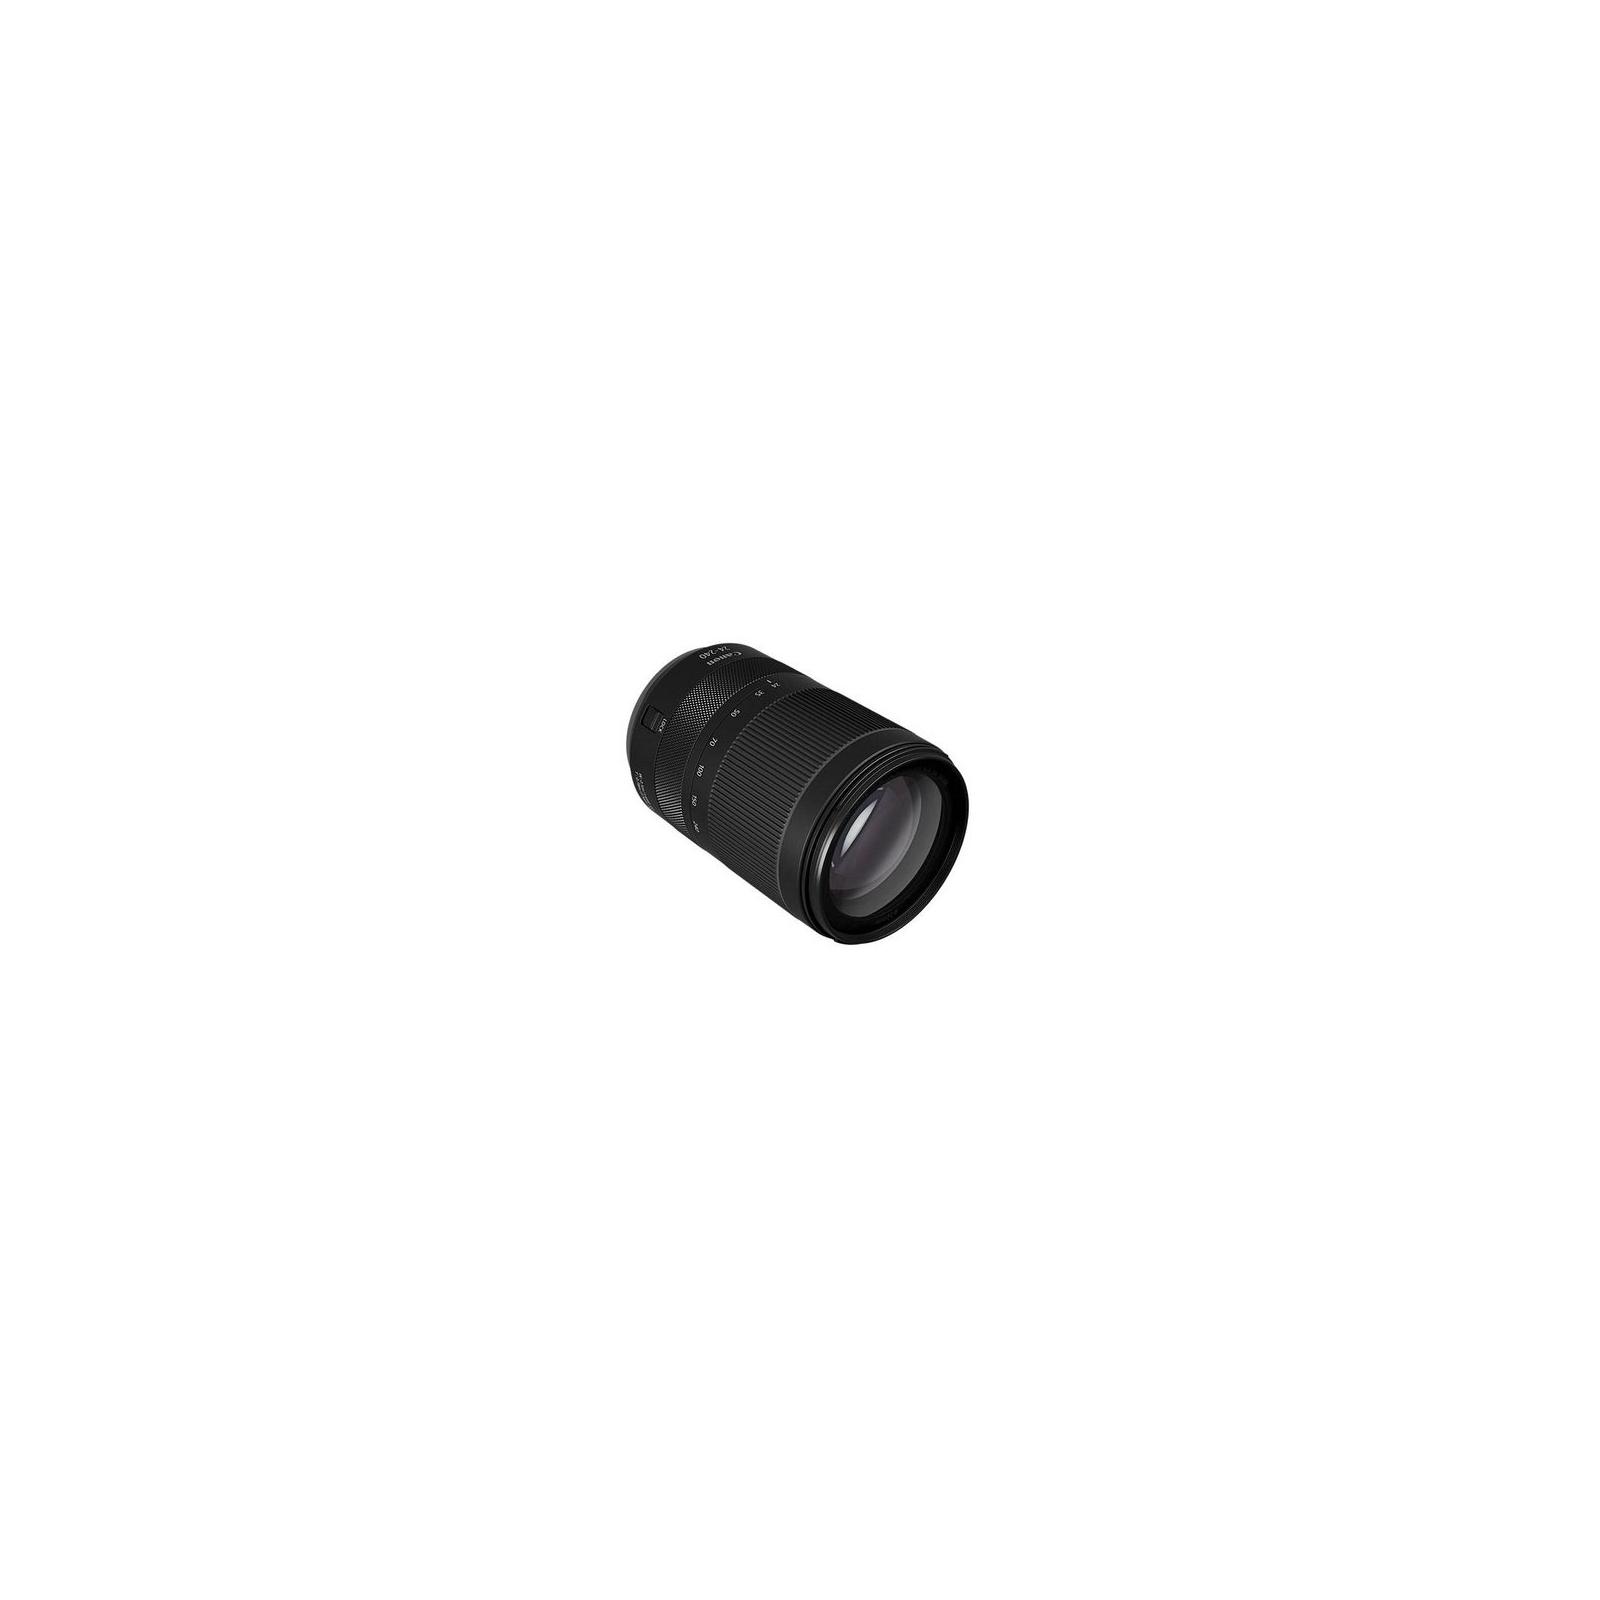 Объектив Canon RF 24-240mm f/4.0-6.3 IS USM (3684C005) изображение 3